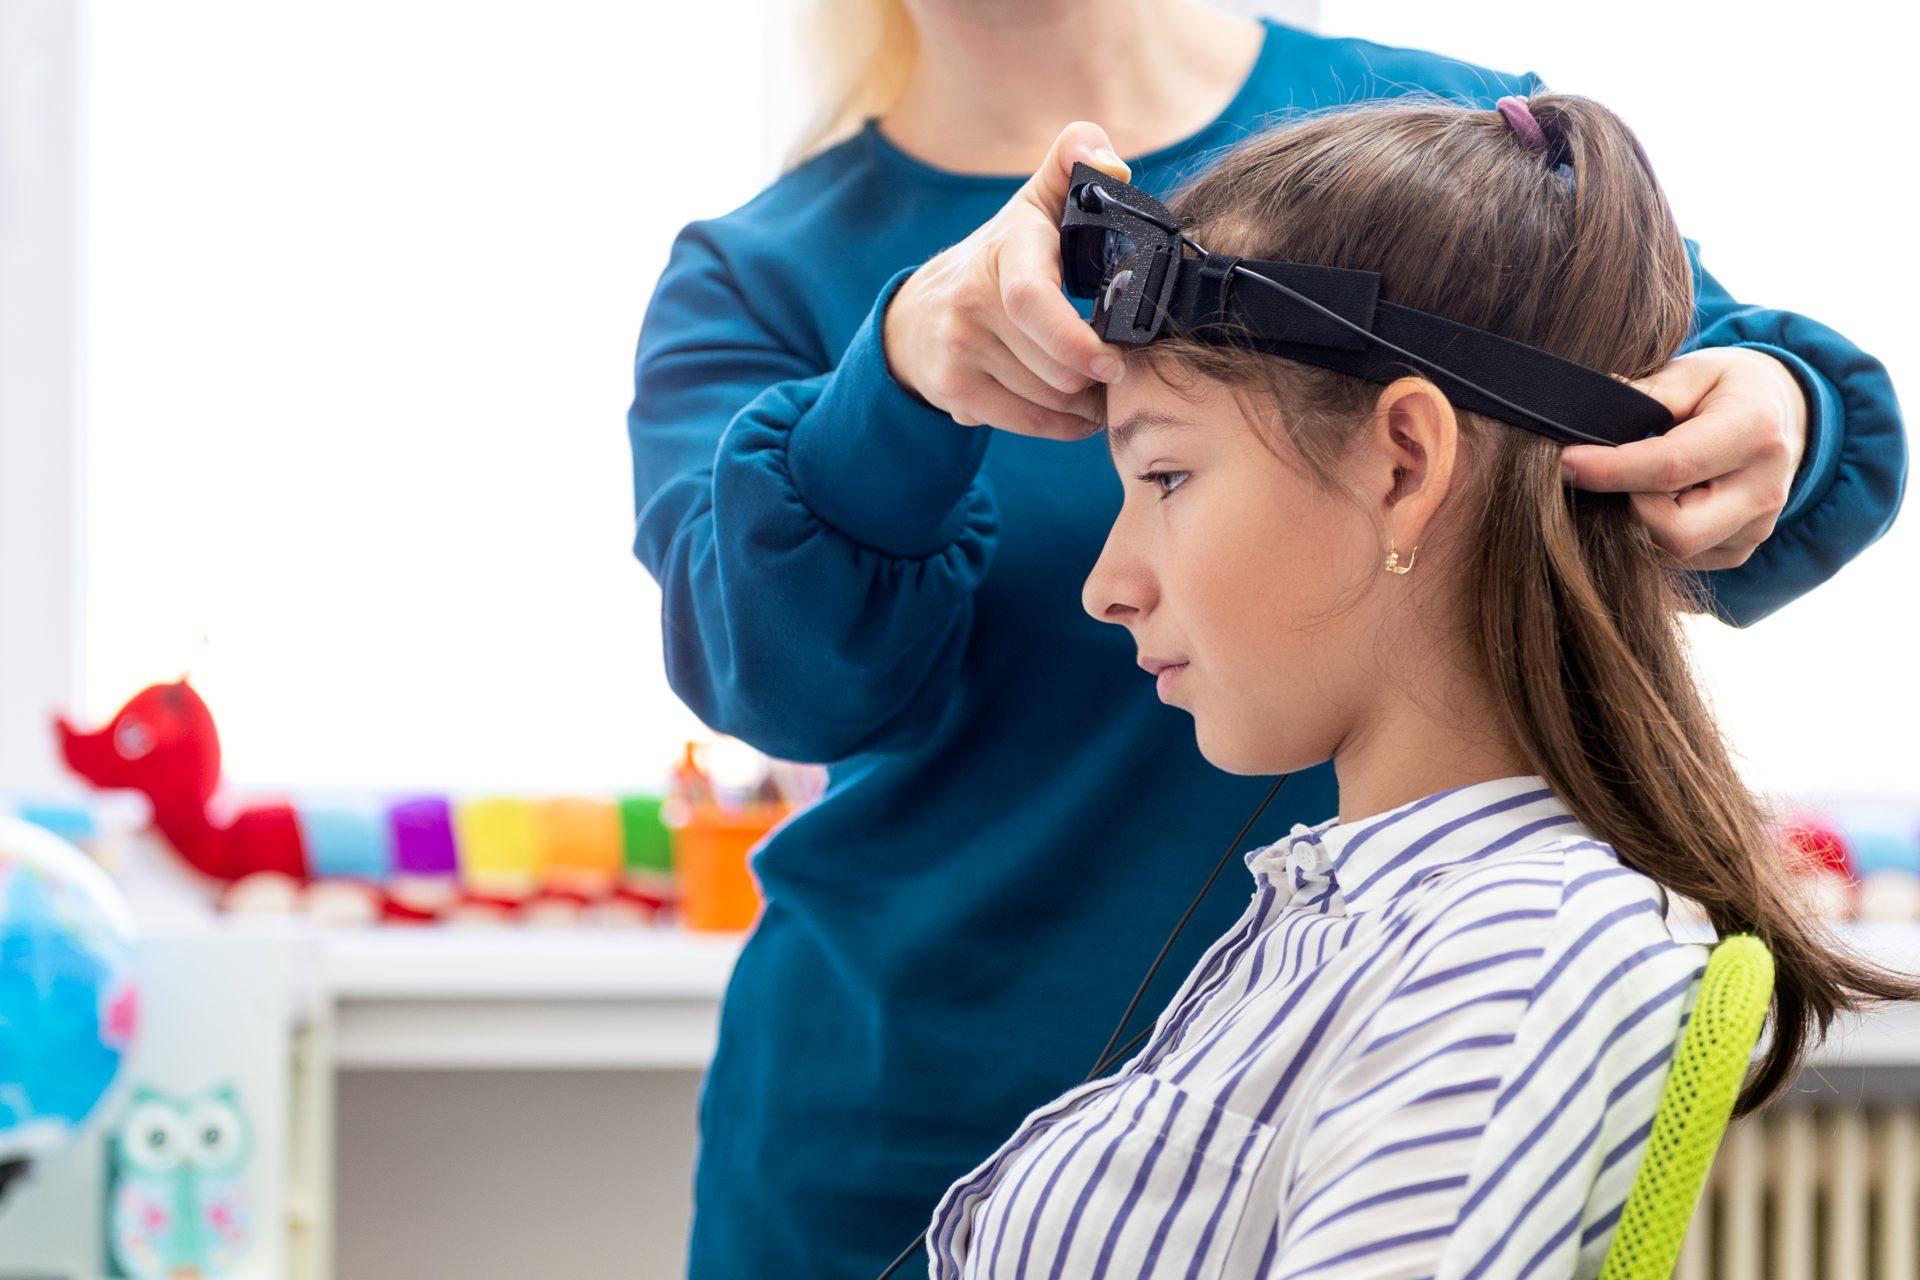 טיפול נוירופידבק (Shutterstock) צילום:ABO PHOTOGRAPHY